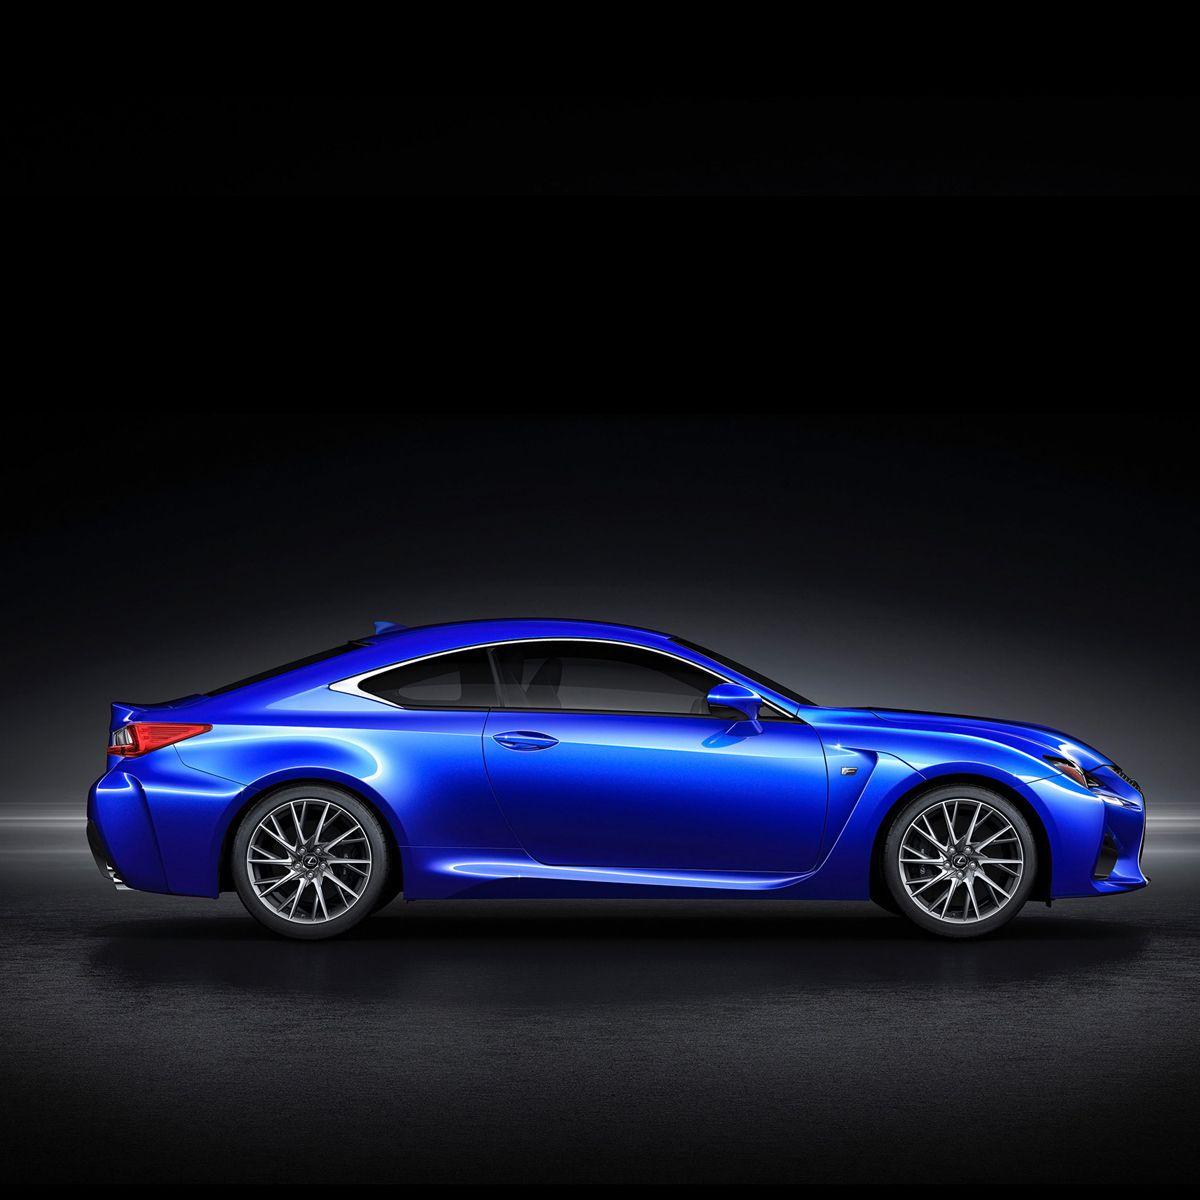 Lexus Cars, Coupe Cars, Detroit Auto Show